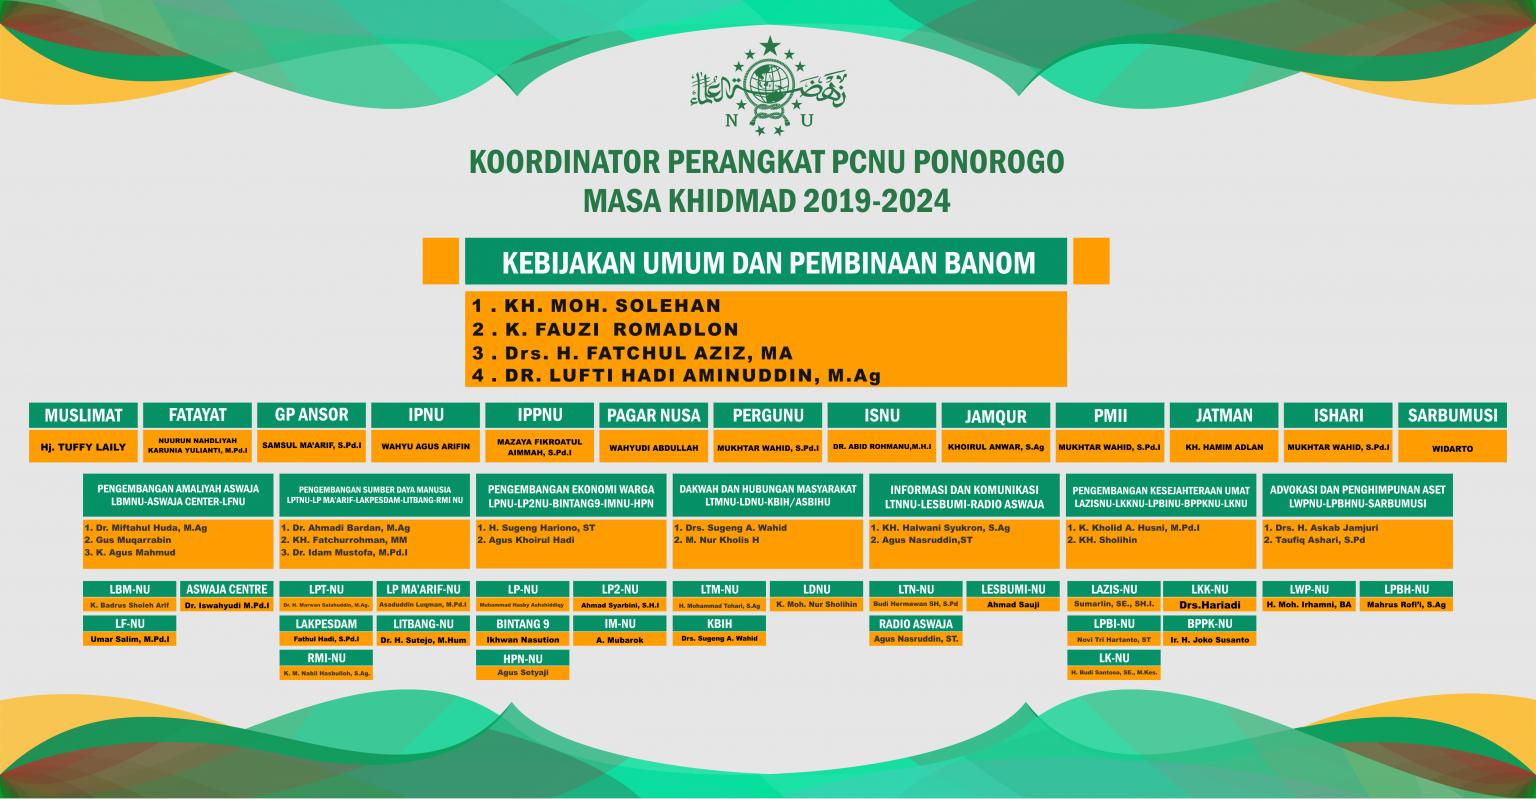 Download Design Koordinator Perangkat PCNU Ponorogo